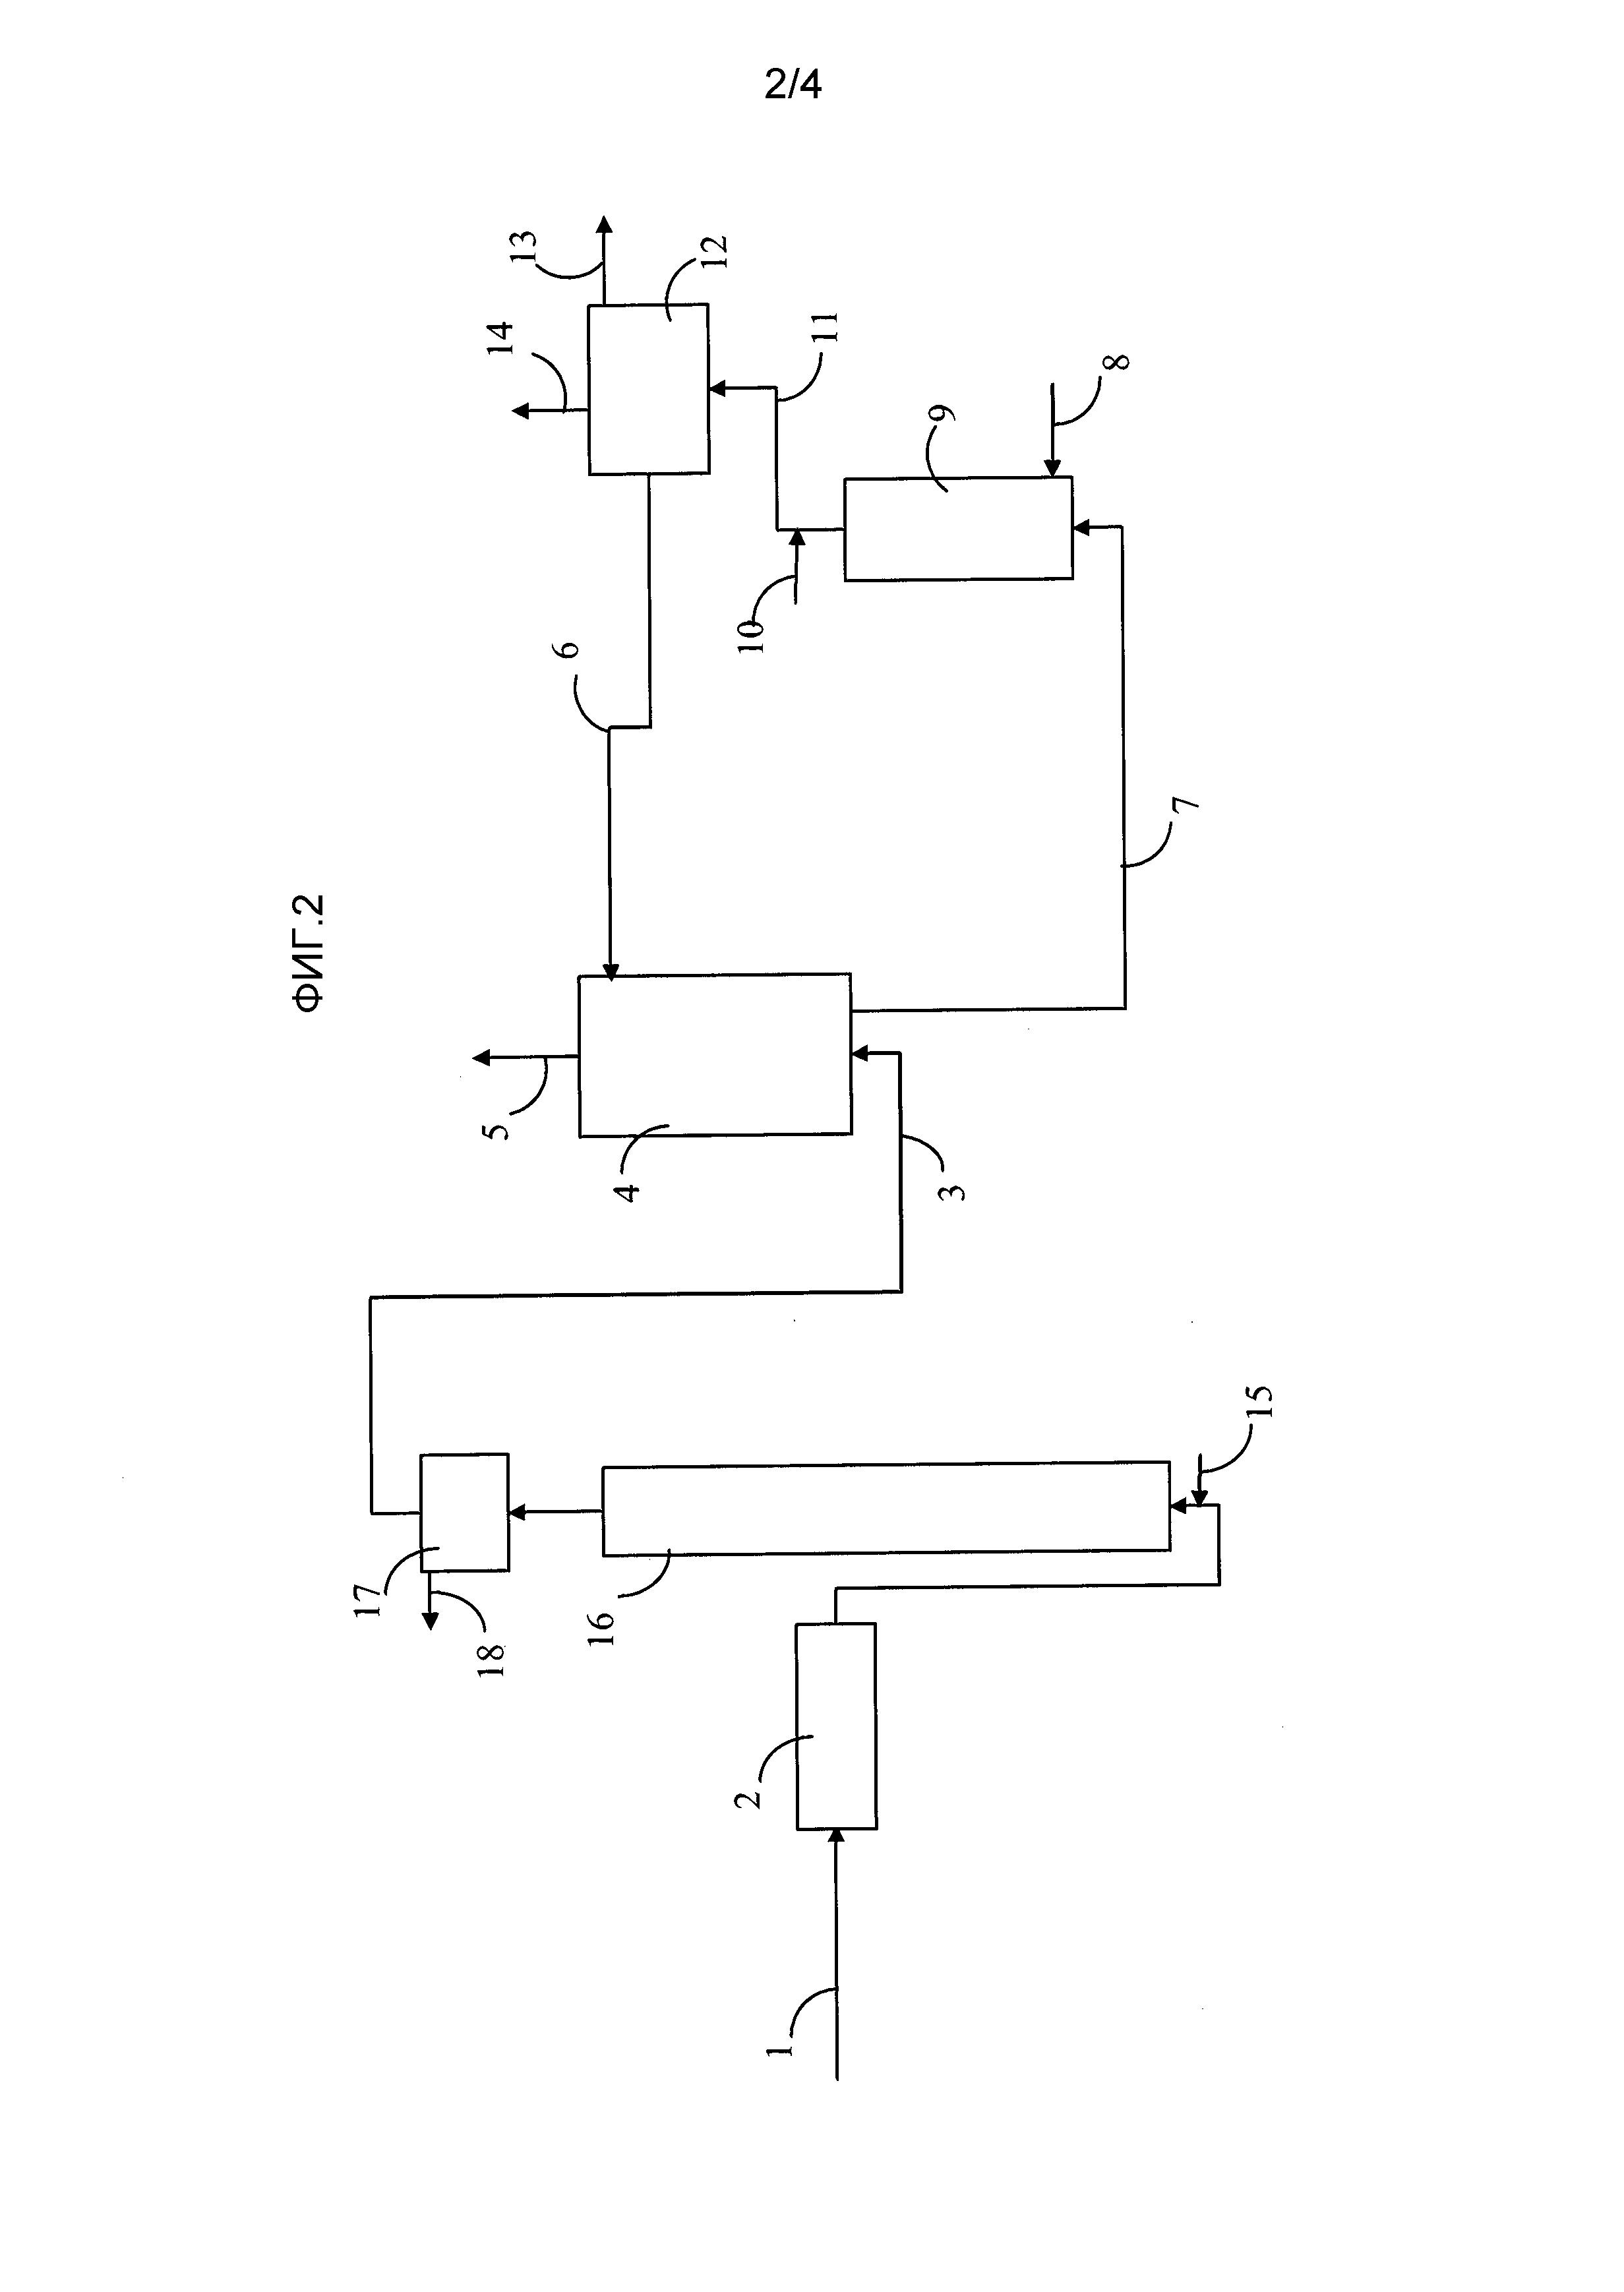 Усовершенствованное устройство экстракции серосодержащих соединений, содержащее периодический реактор предварительной обработки, и реактор, работающий в режиме вытеснения предварительной обработки